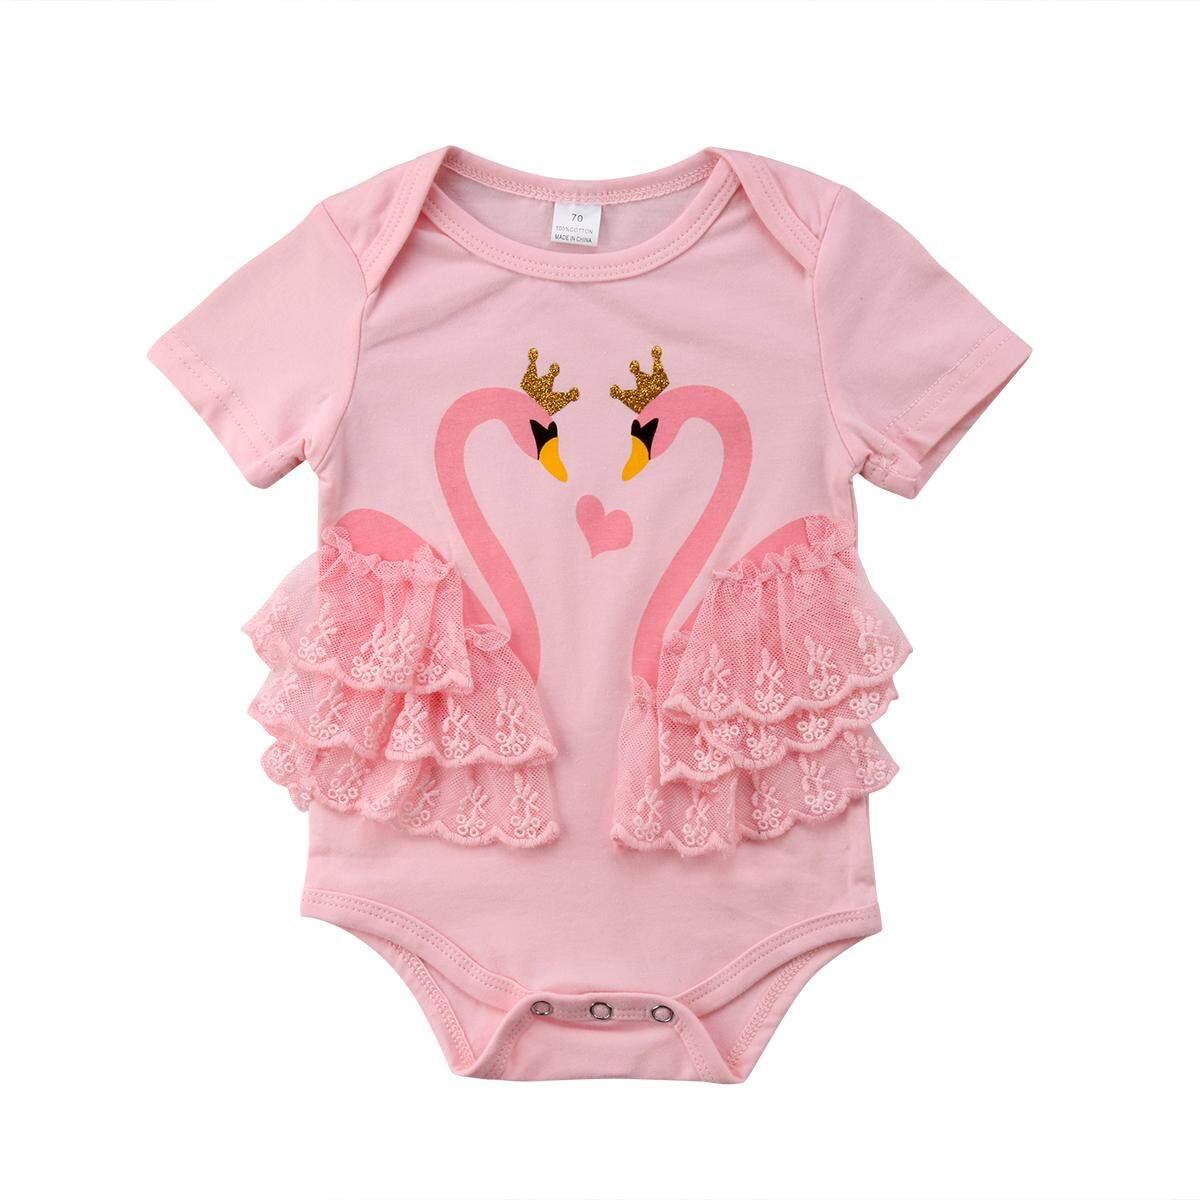 Terbaru Lucu Bayi Anak Perempuan Swan Lengan Bang Pendek Bodysuit Jumpsuit Renda Sunsuit Pakaian One Piece